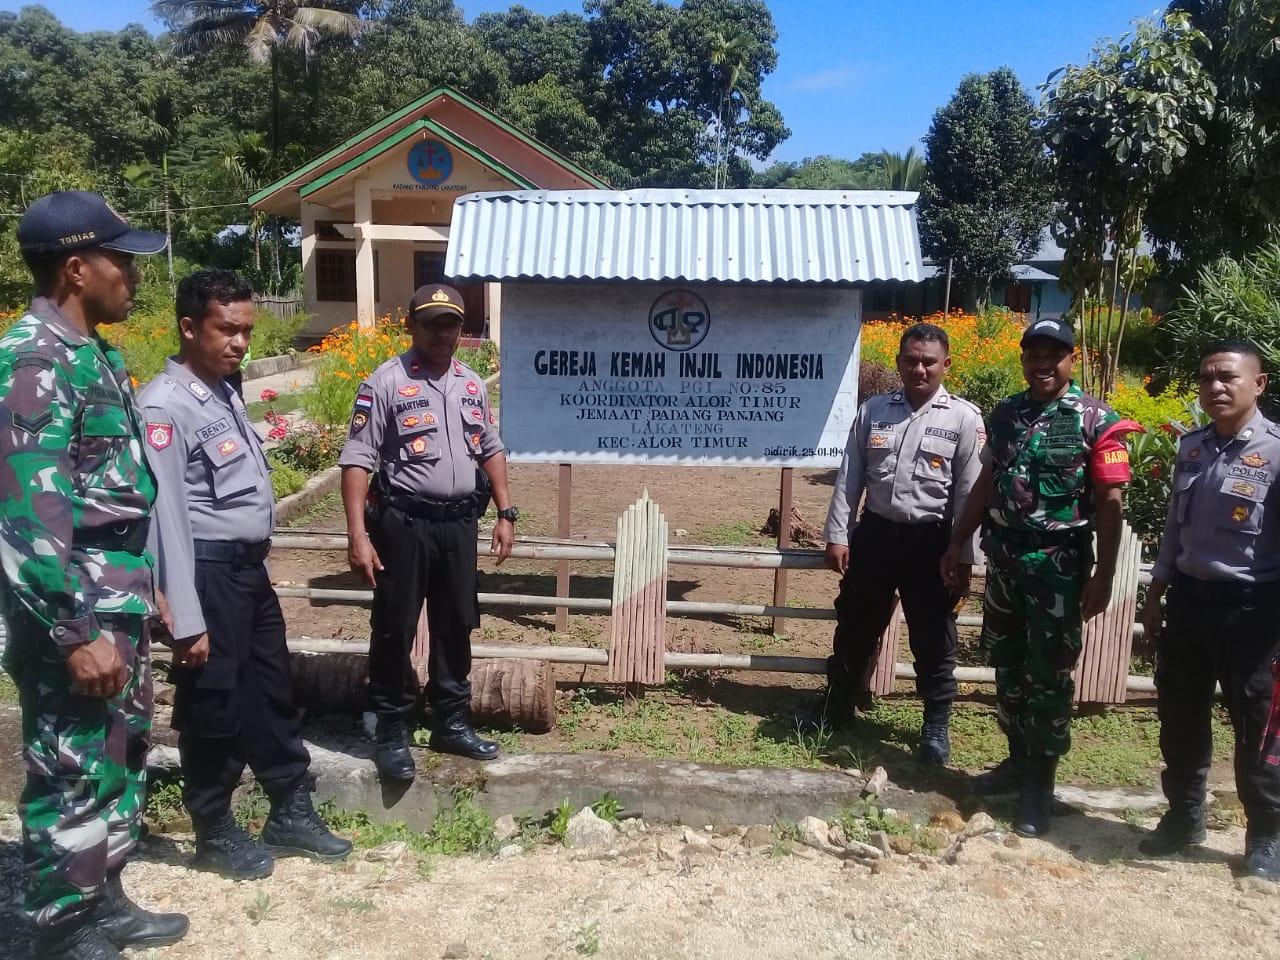 Patroli Gabungan Dari TNI Dan POLRI Guna Berikan Himbauan Pencegahan Virus Covid – 19 Kepada Masyarakat